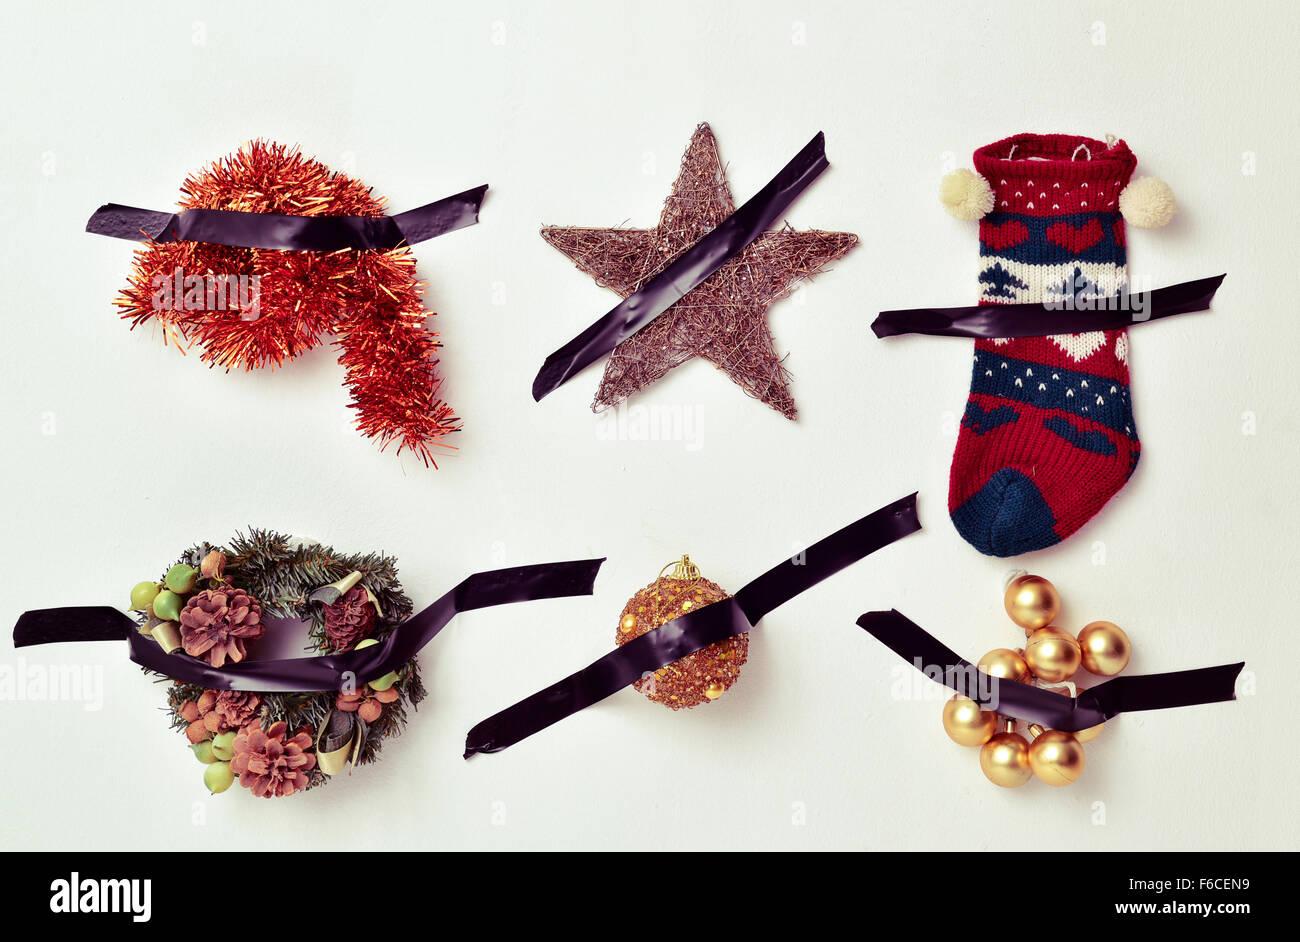 Algunos adornos navideños diferentes, como las guirnaldas, una estrella, un calcetín o chucherías, Imagen De Stock